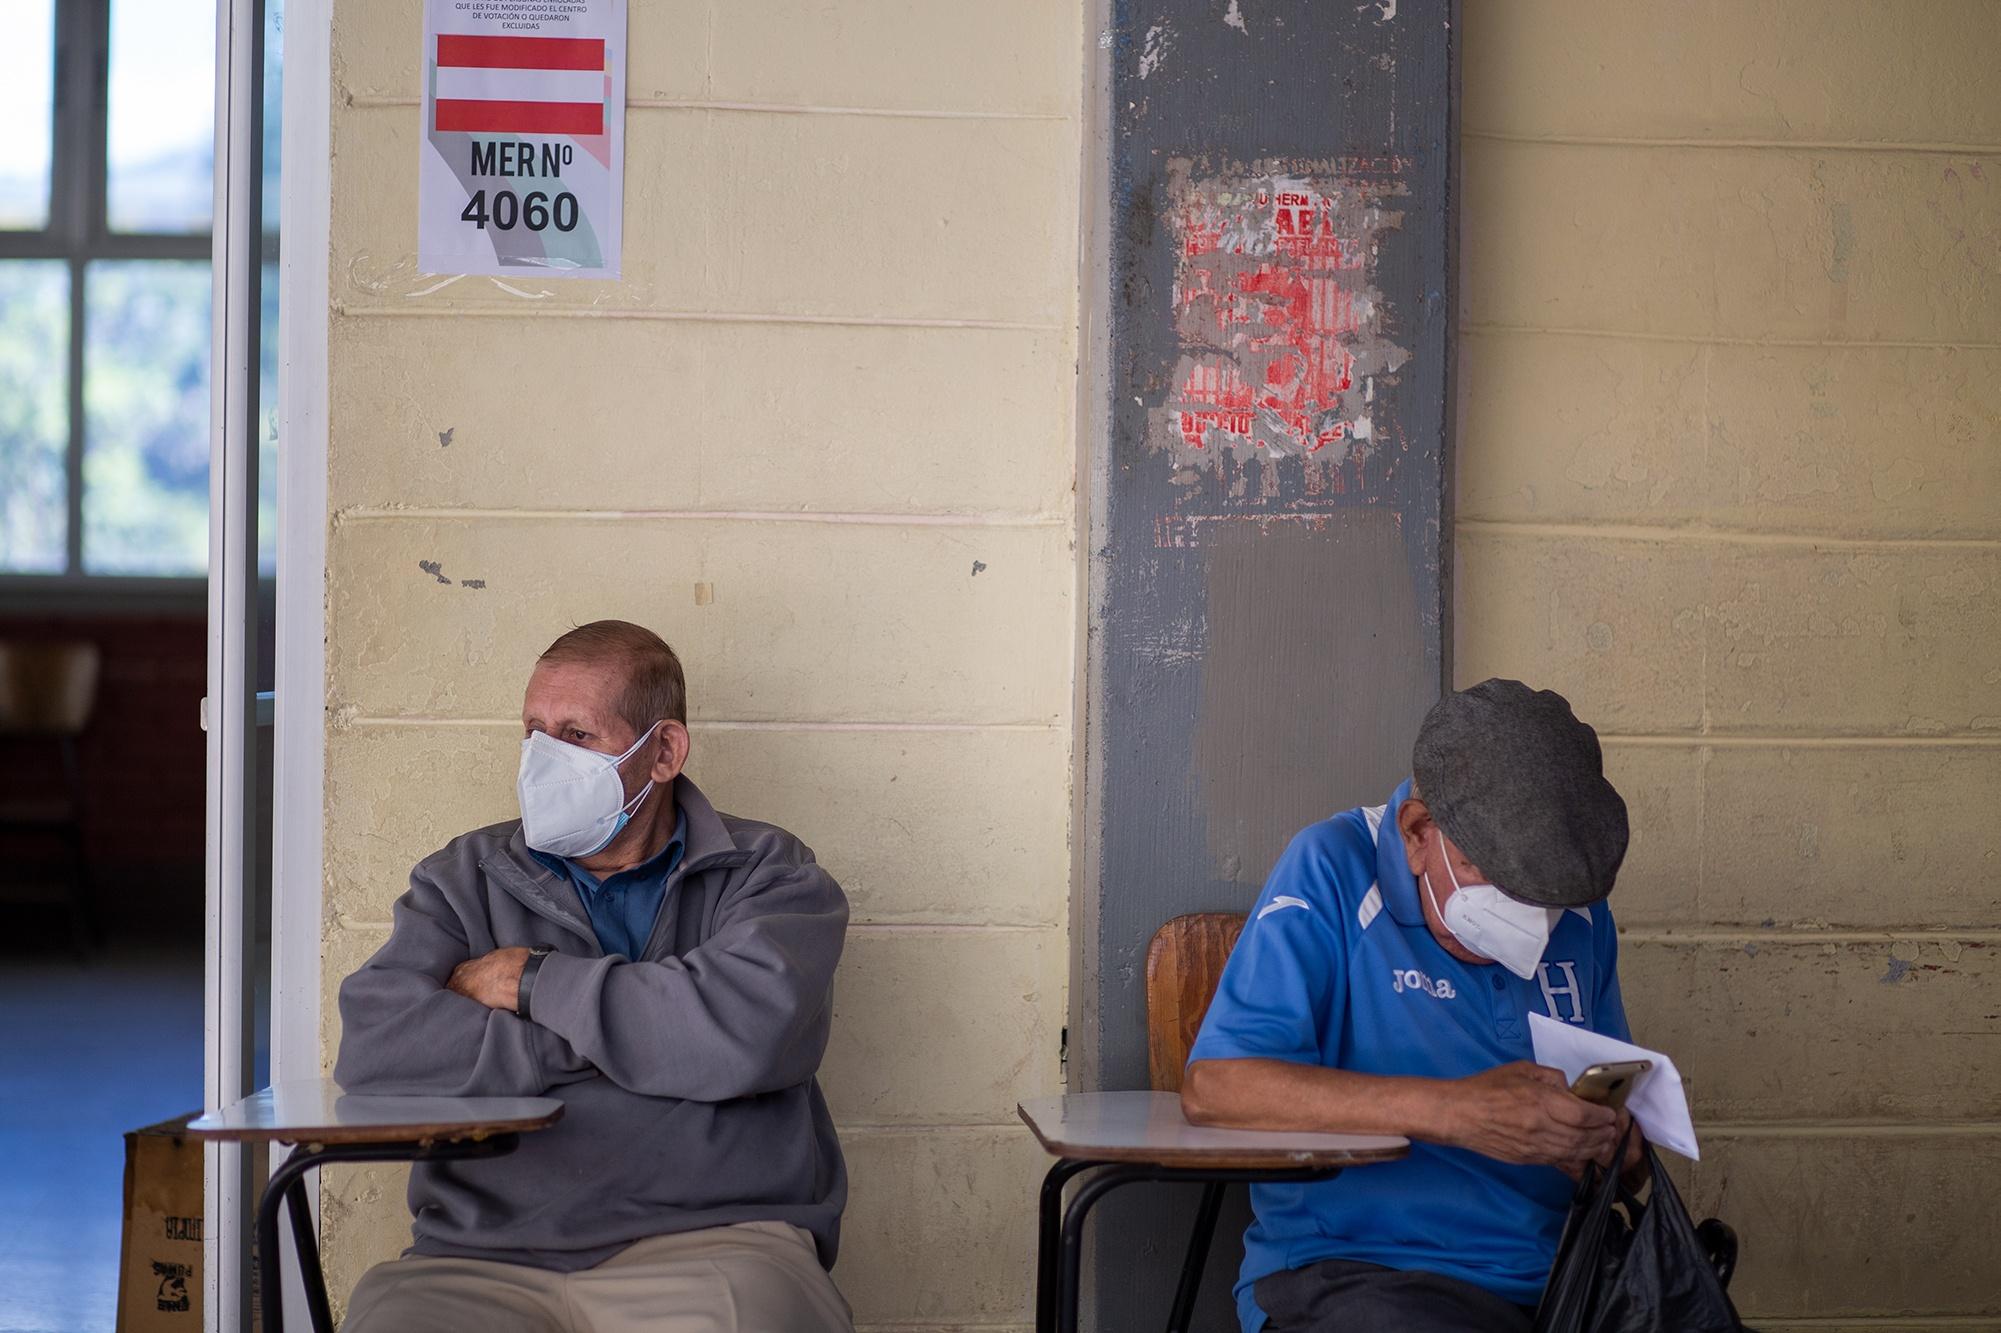 Dos hombres de la tercera edad esperan su turno para ejercer el sufragio en una MER correspondiente al Partido Liberal en el centro de votación de la Universidad Nacional Autónoma de Honduras. Tegucigalpa, 14 de marzo de 2021. Foto: Martín Cálix.